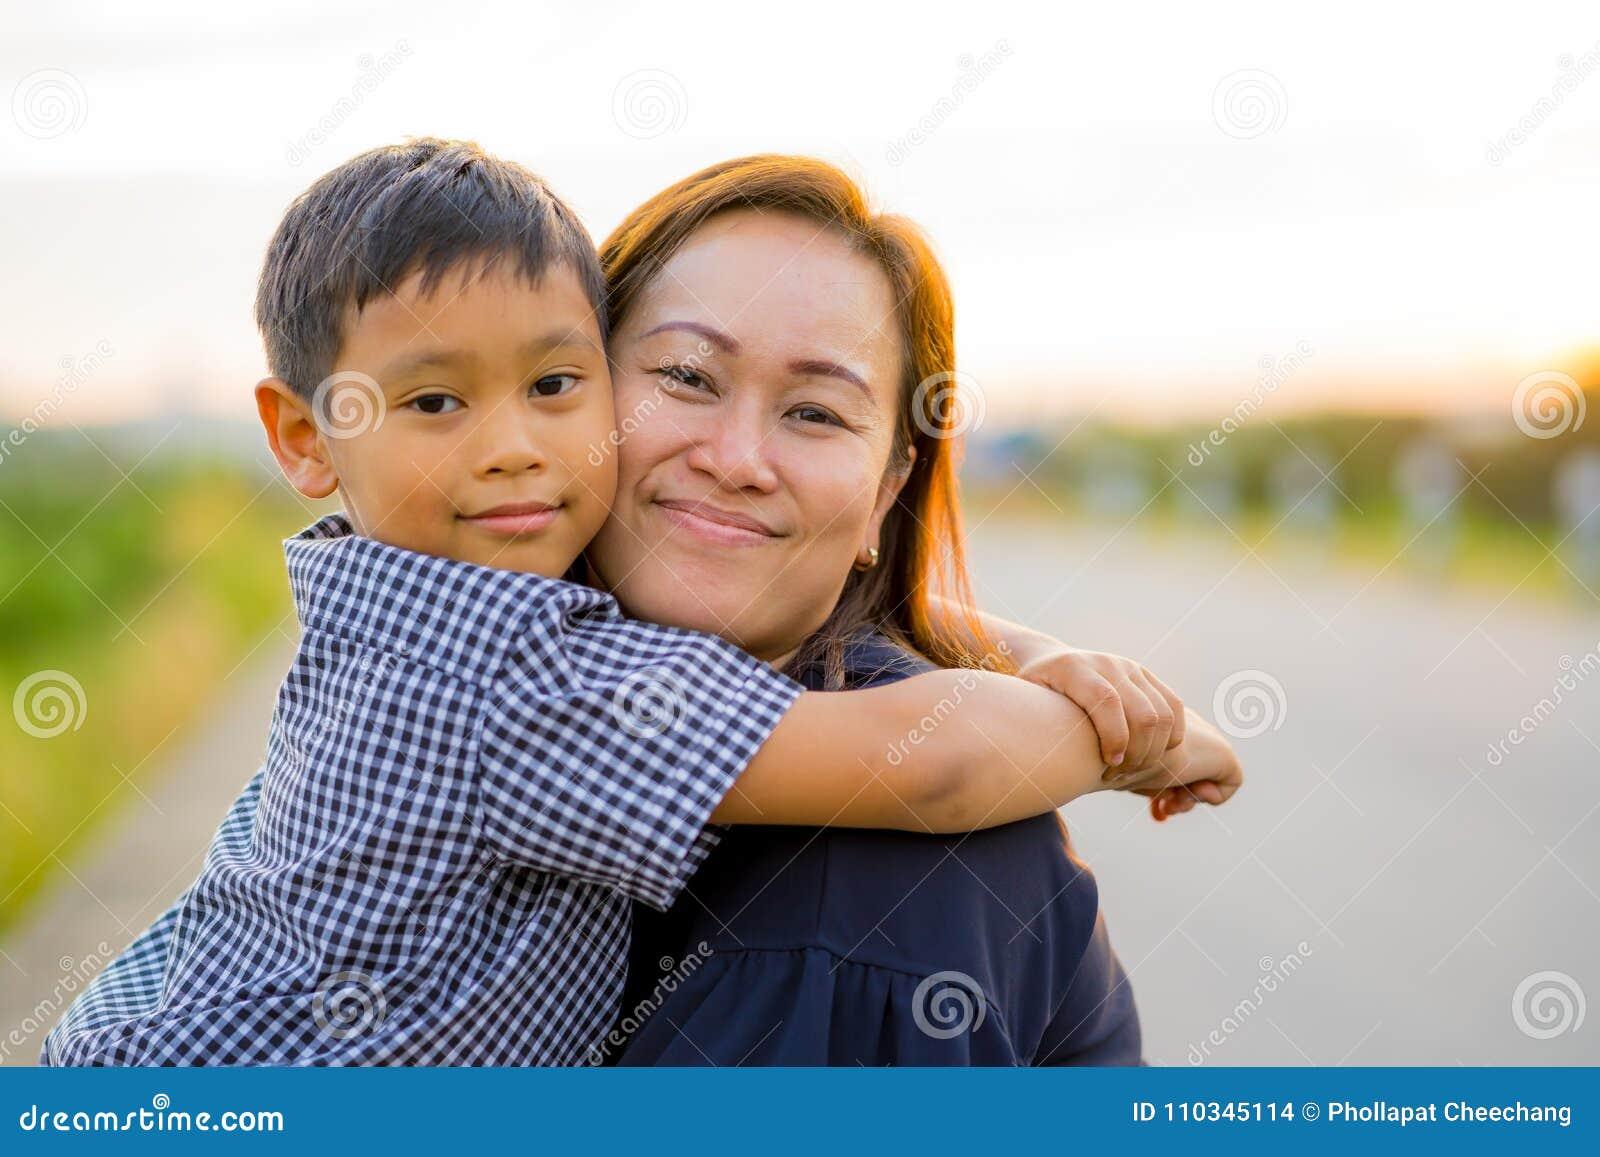 La mamá asiática abraza a su hijo joven cariñosamente en la puesta del sol con el backg de la naturaleza